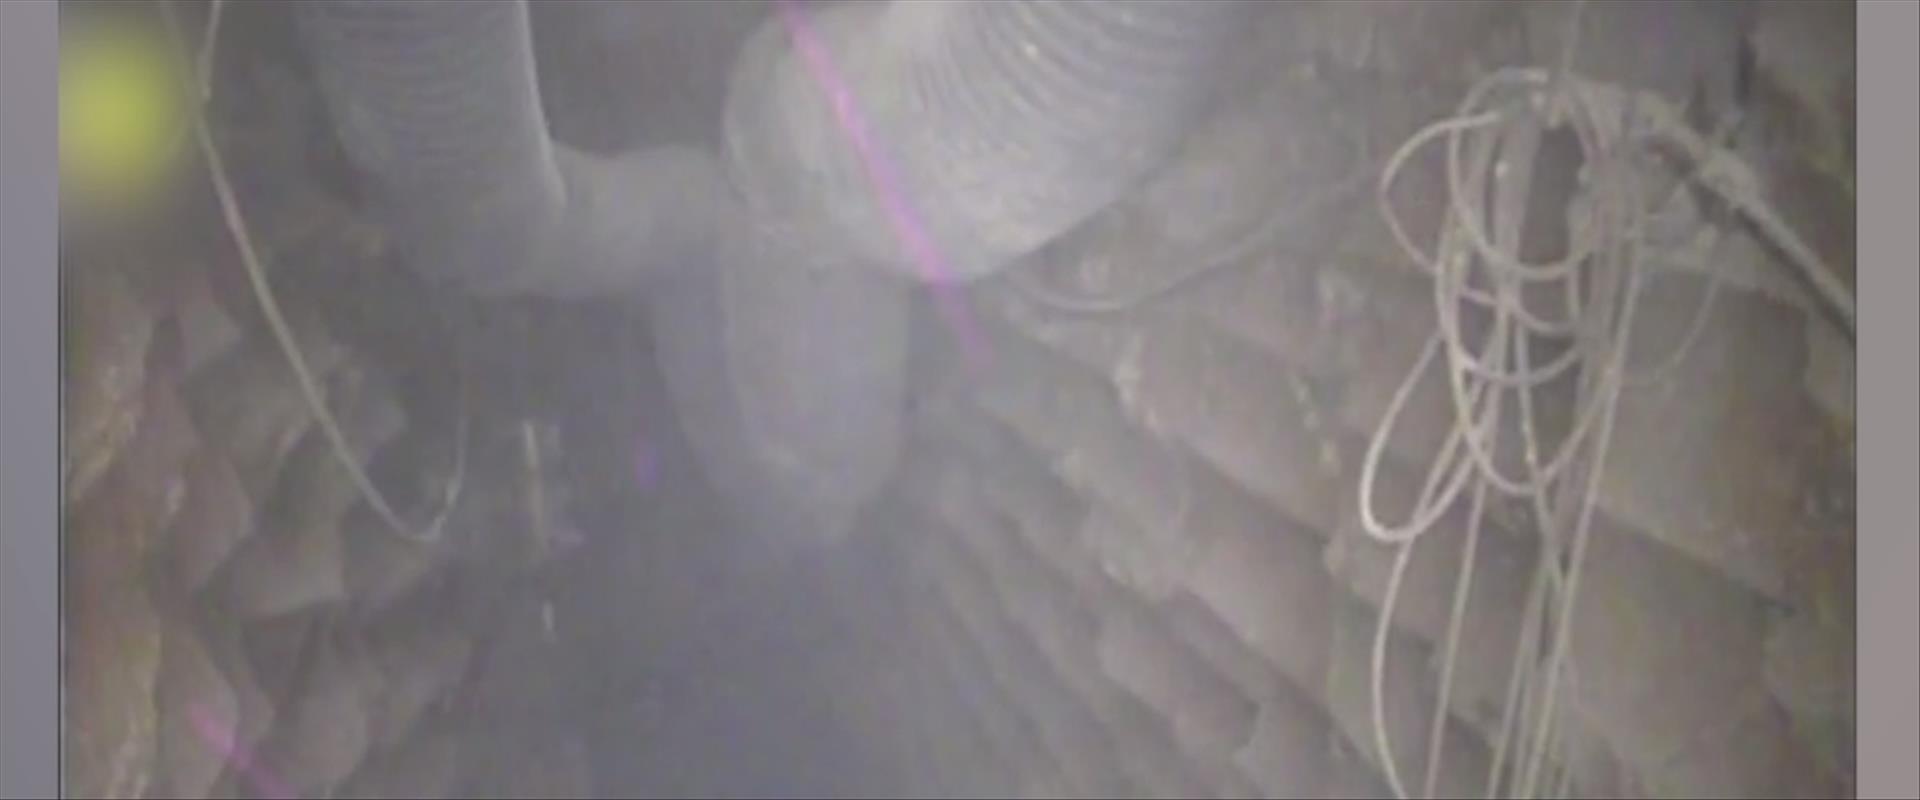 """אחת מהמנהרות בגבול לבנון שאותרו על ידי צה""""ל (ארכיו"""